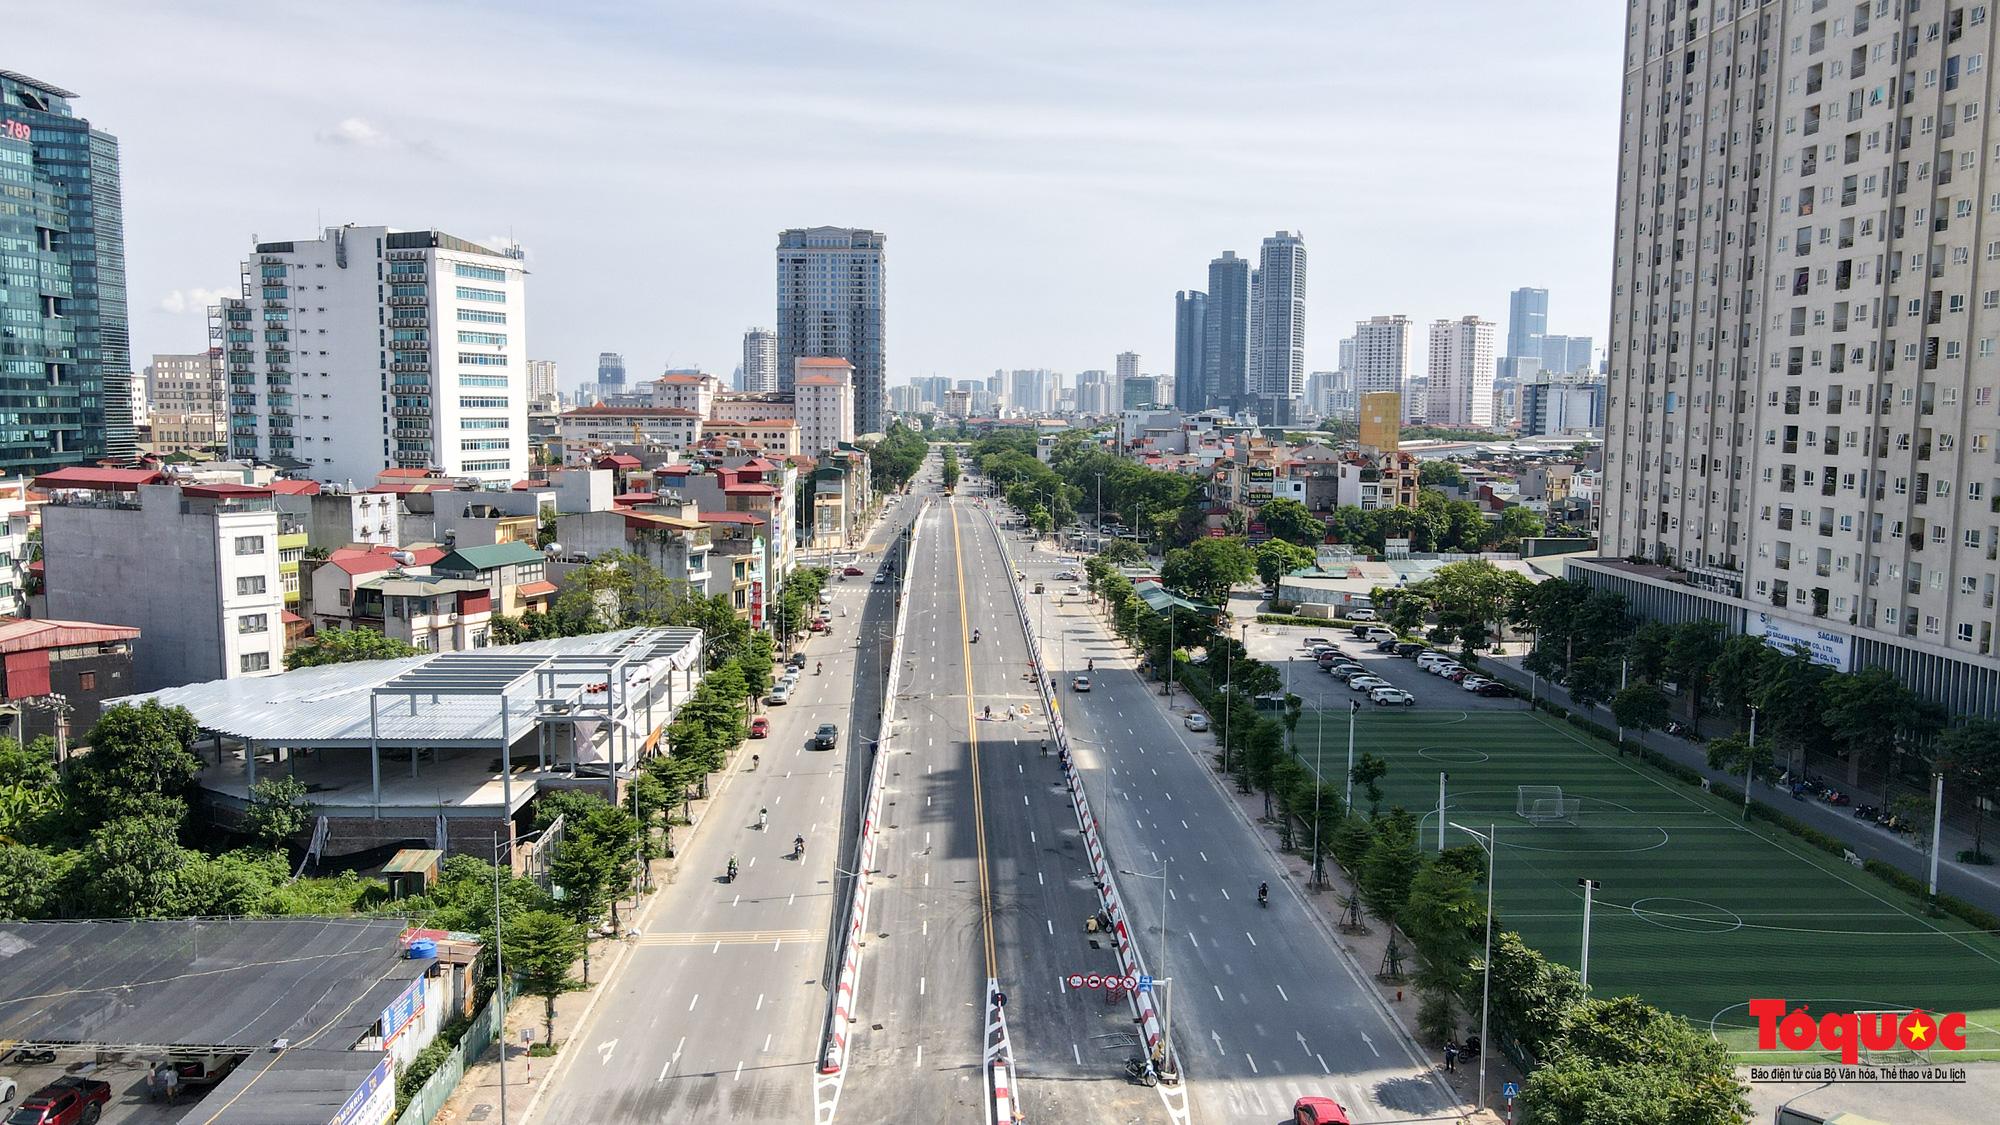 Dấu ấn những công trình giao thông tạo nên diện mạo mới cho Thủ đô Hà Nội năm 2020 - Ảnh 9.